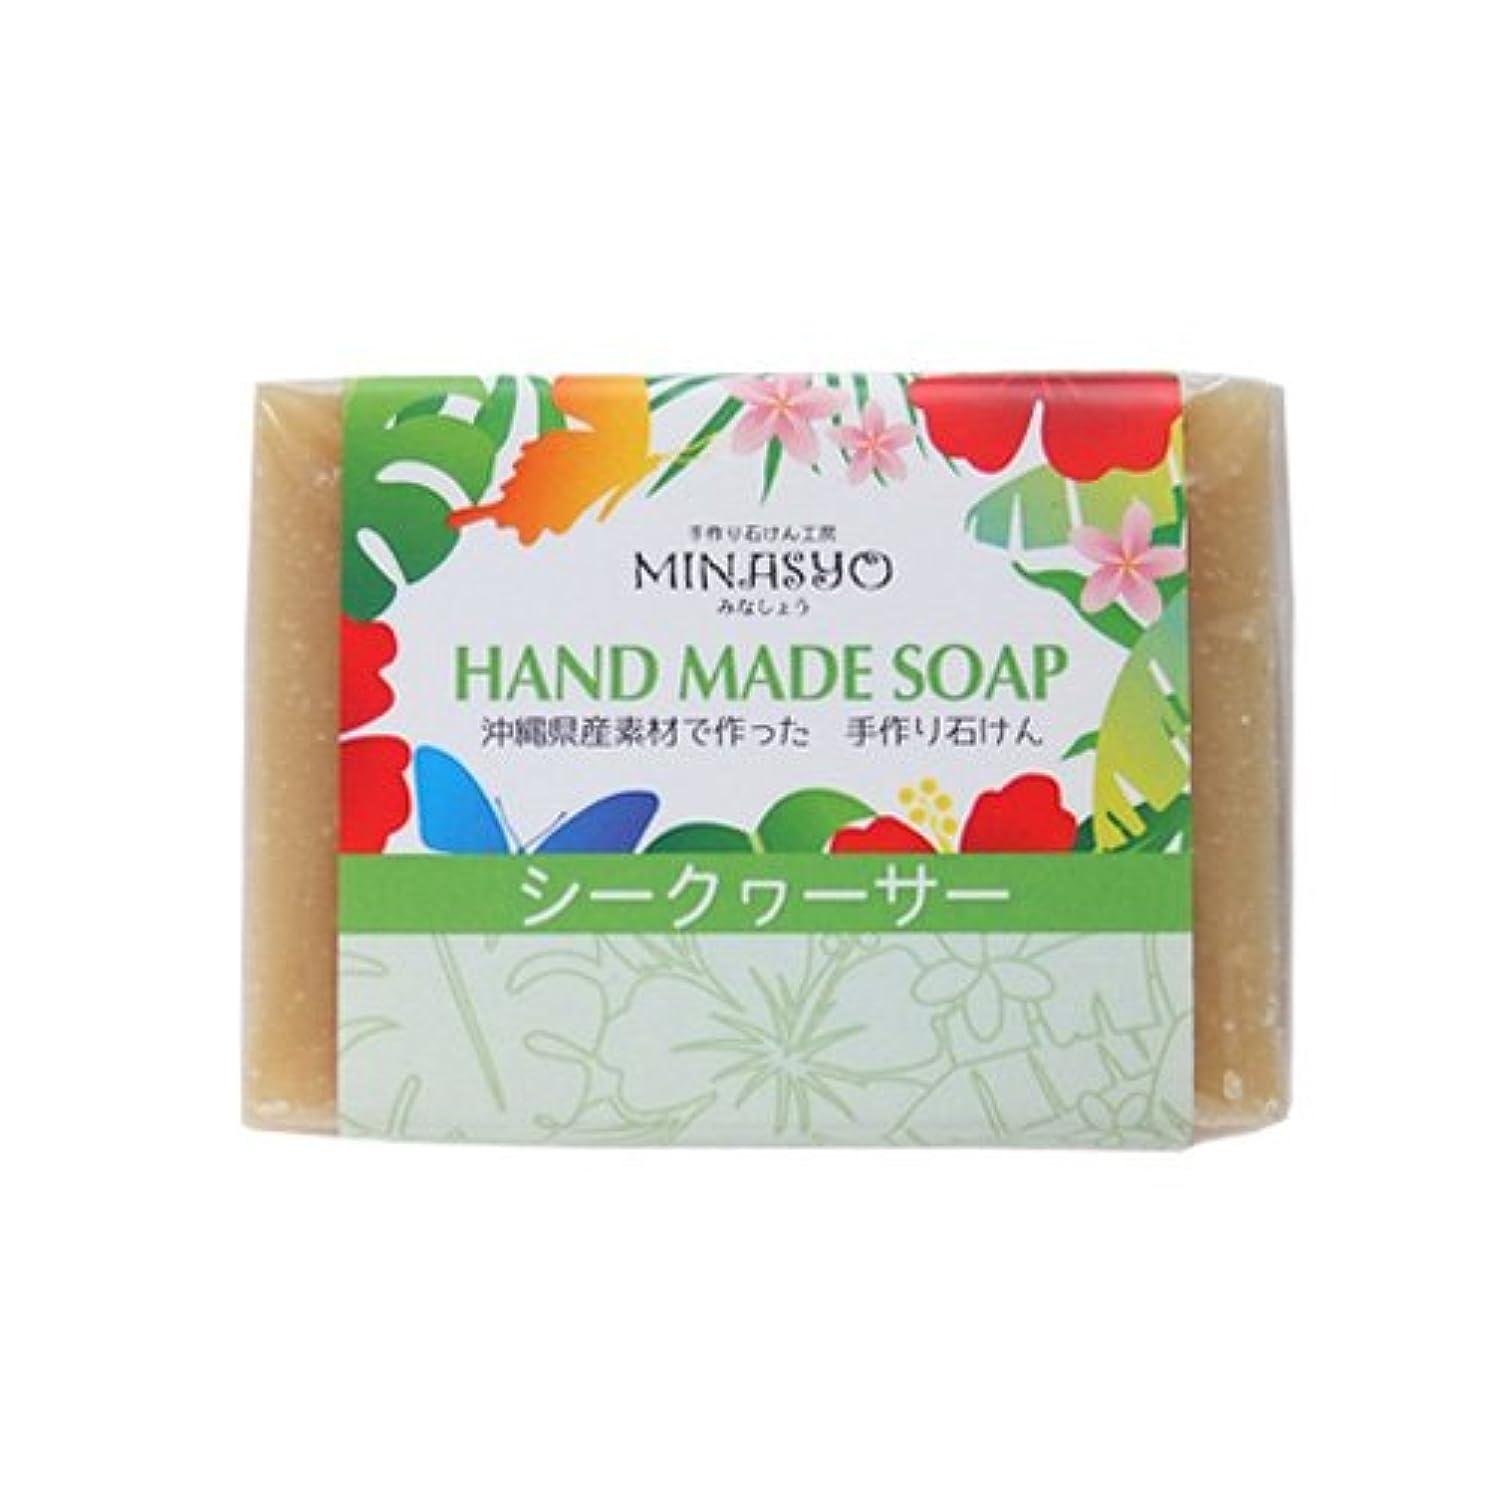 ピル泣く冗長洗顔石鹸 無添加 固形ハンドソープ ボディソープ 手作りシークワーサー石鹸